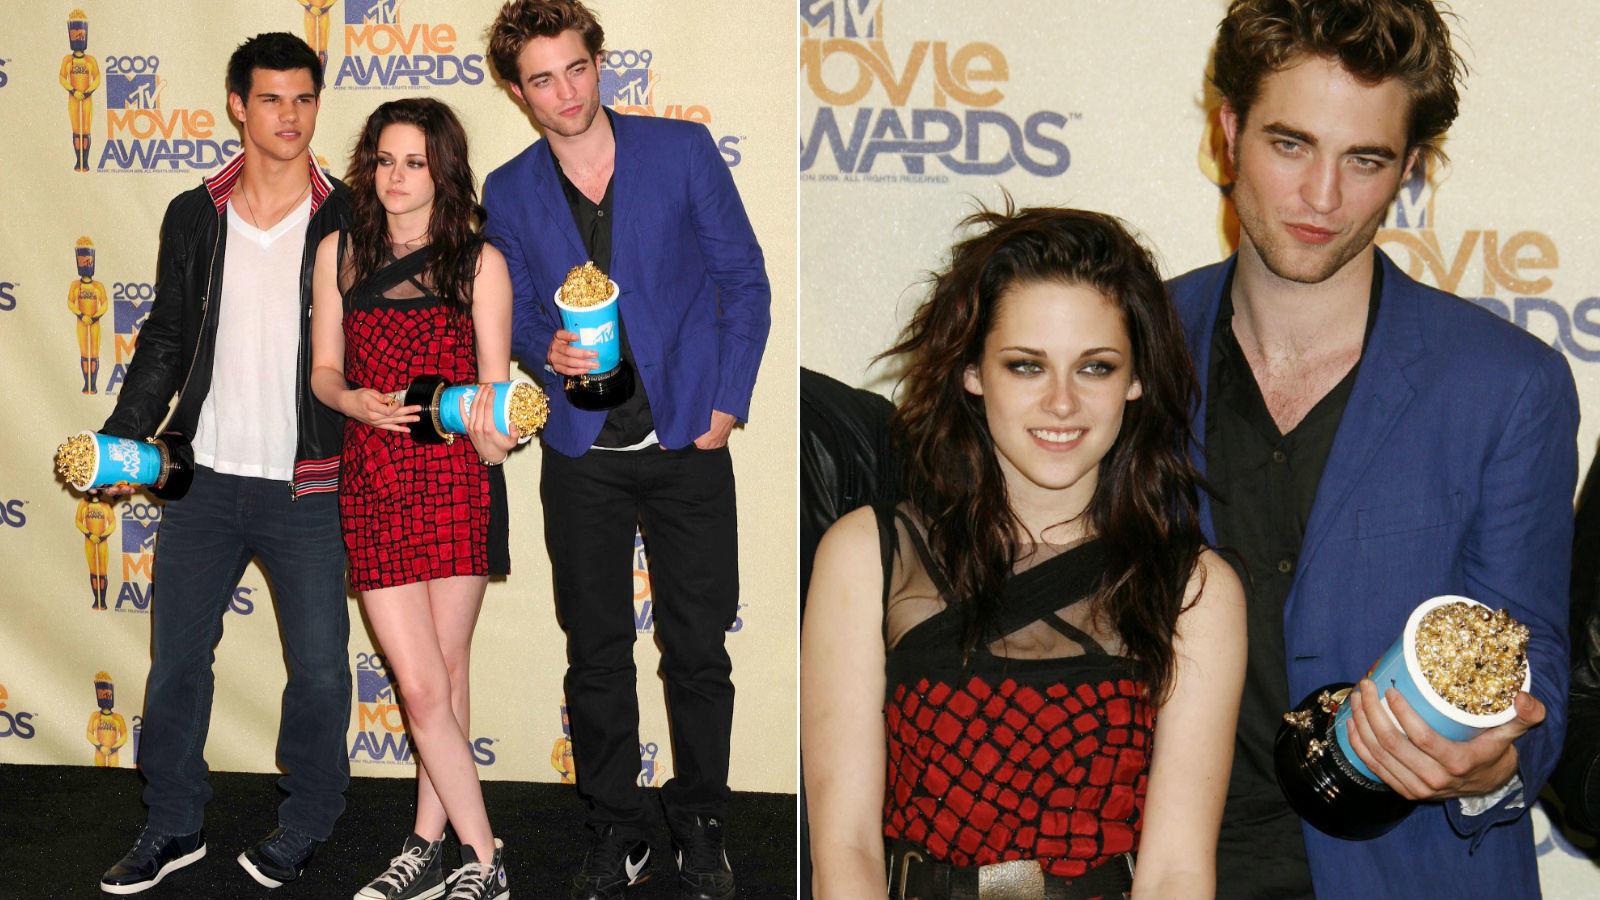 Az Alkonyat filmek sztárja annyira zavarban volt, amikor át kellett vennie a legjobb színésznőnek járó díjat a 2009-es MTV Movie Awardson, hogy elejtette az Arany Popcorn szobrocskát, ami annak rendje s módja szerint ripityára tört. (REX/ Shutterstock)